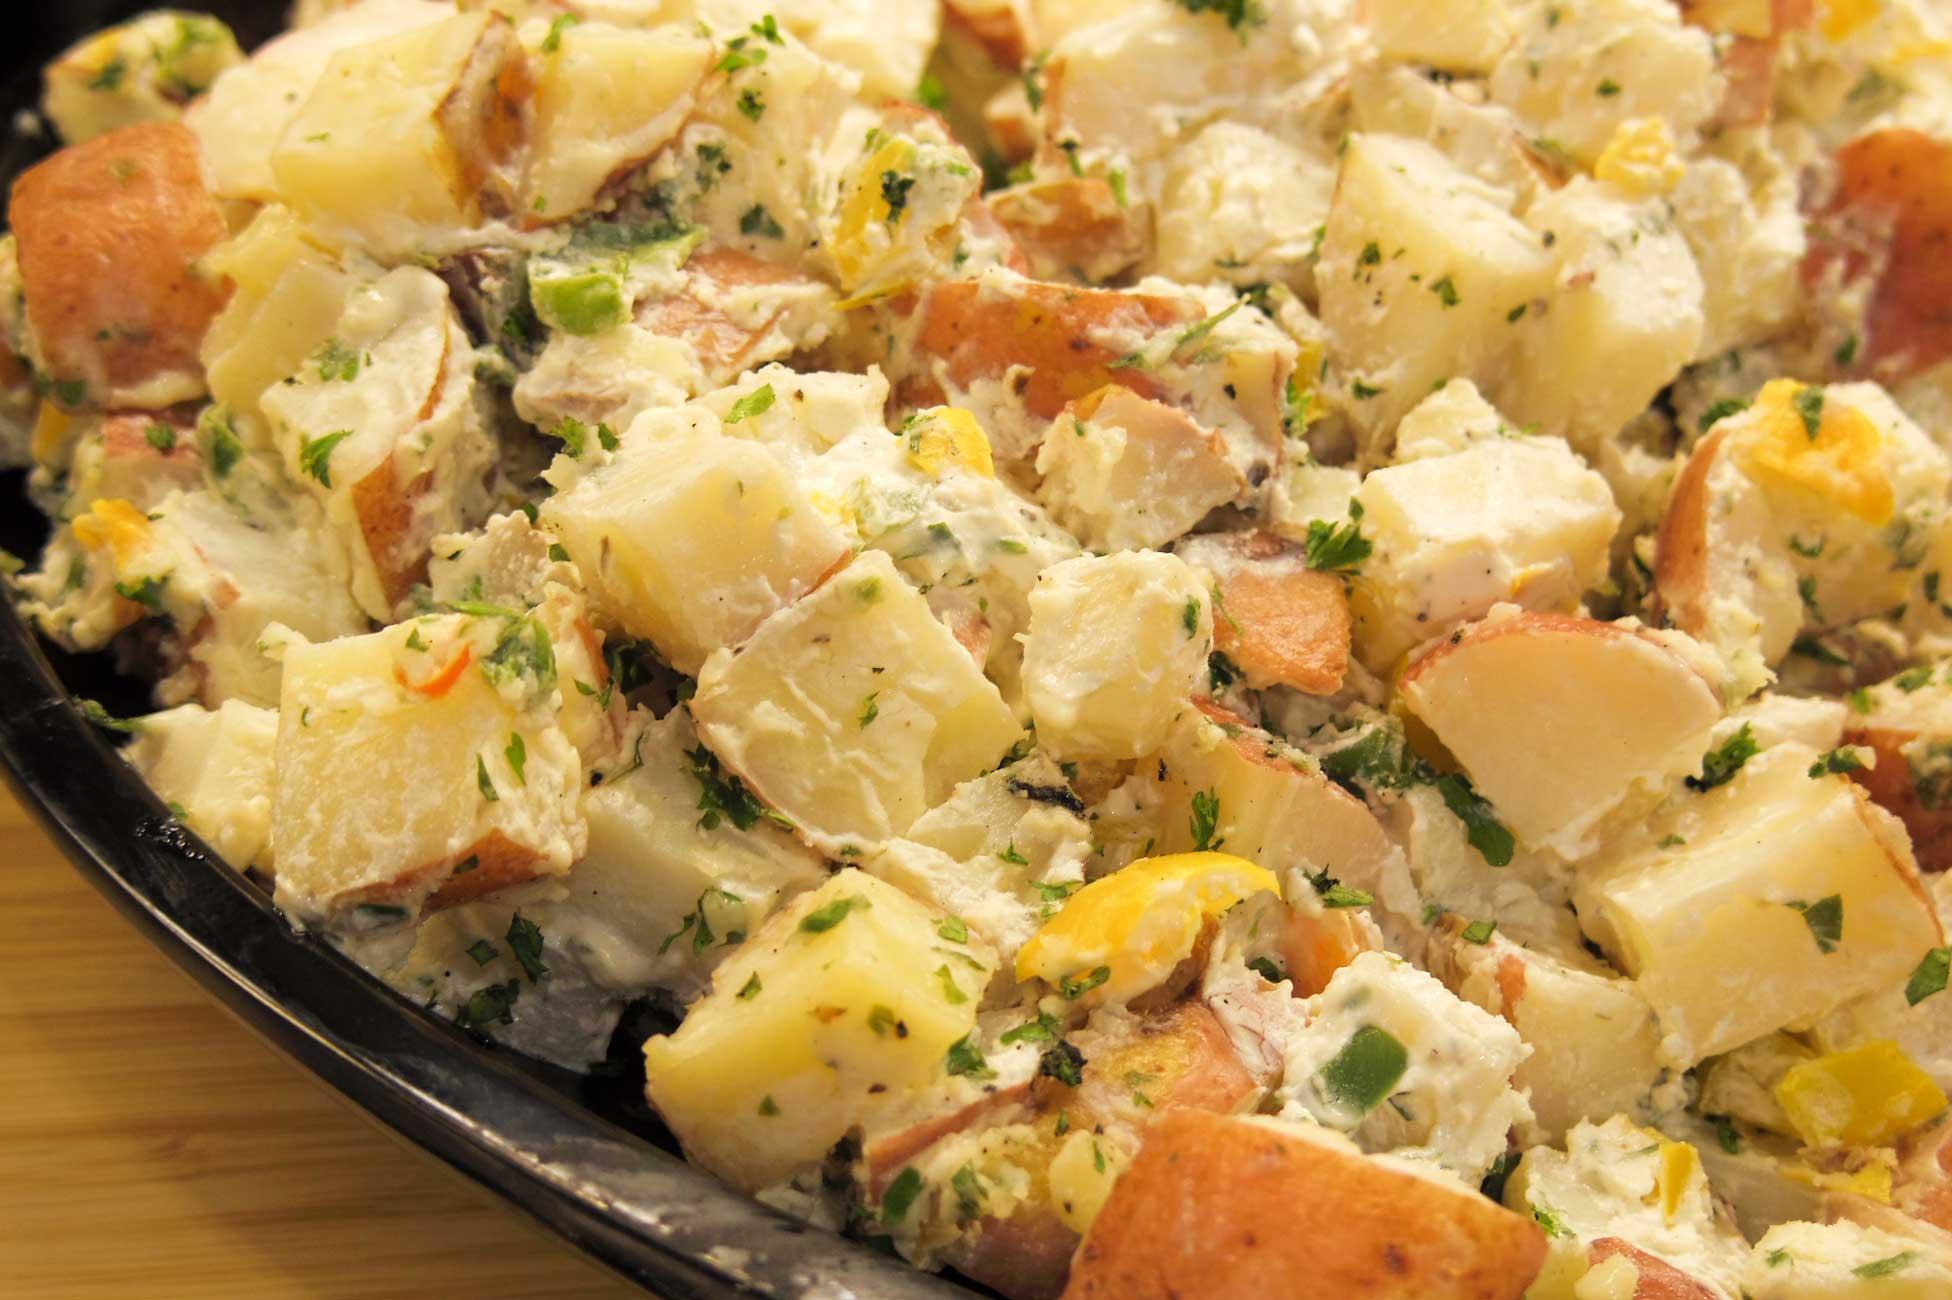 recette autocuiseur, instant pot recette, salade de patates instant pot